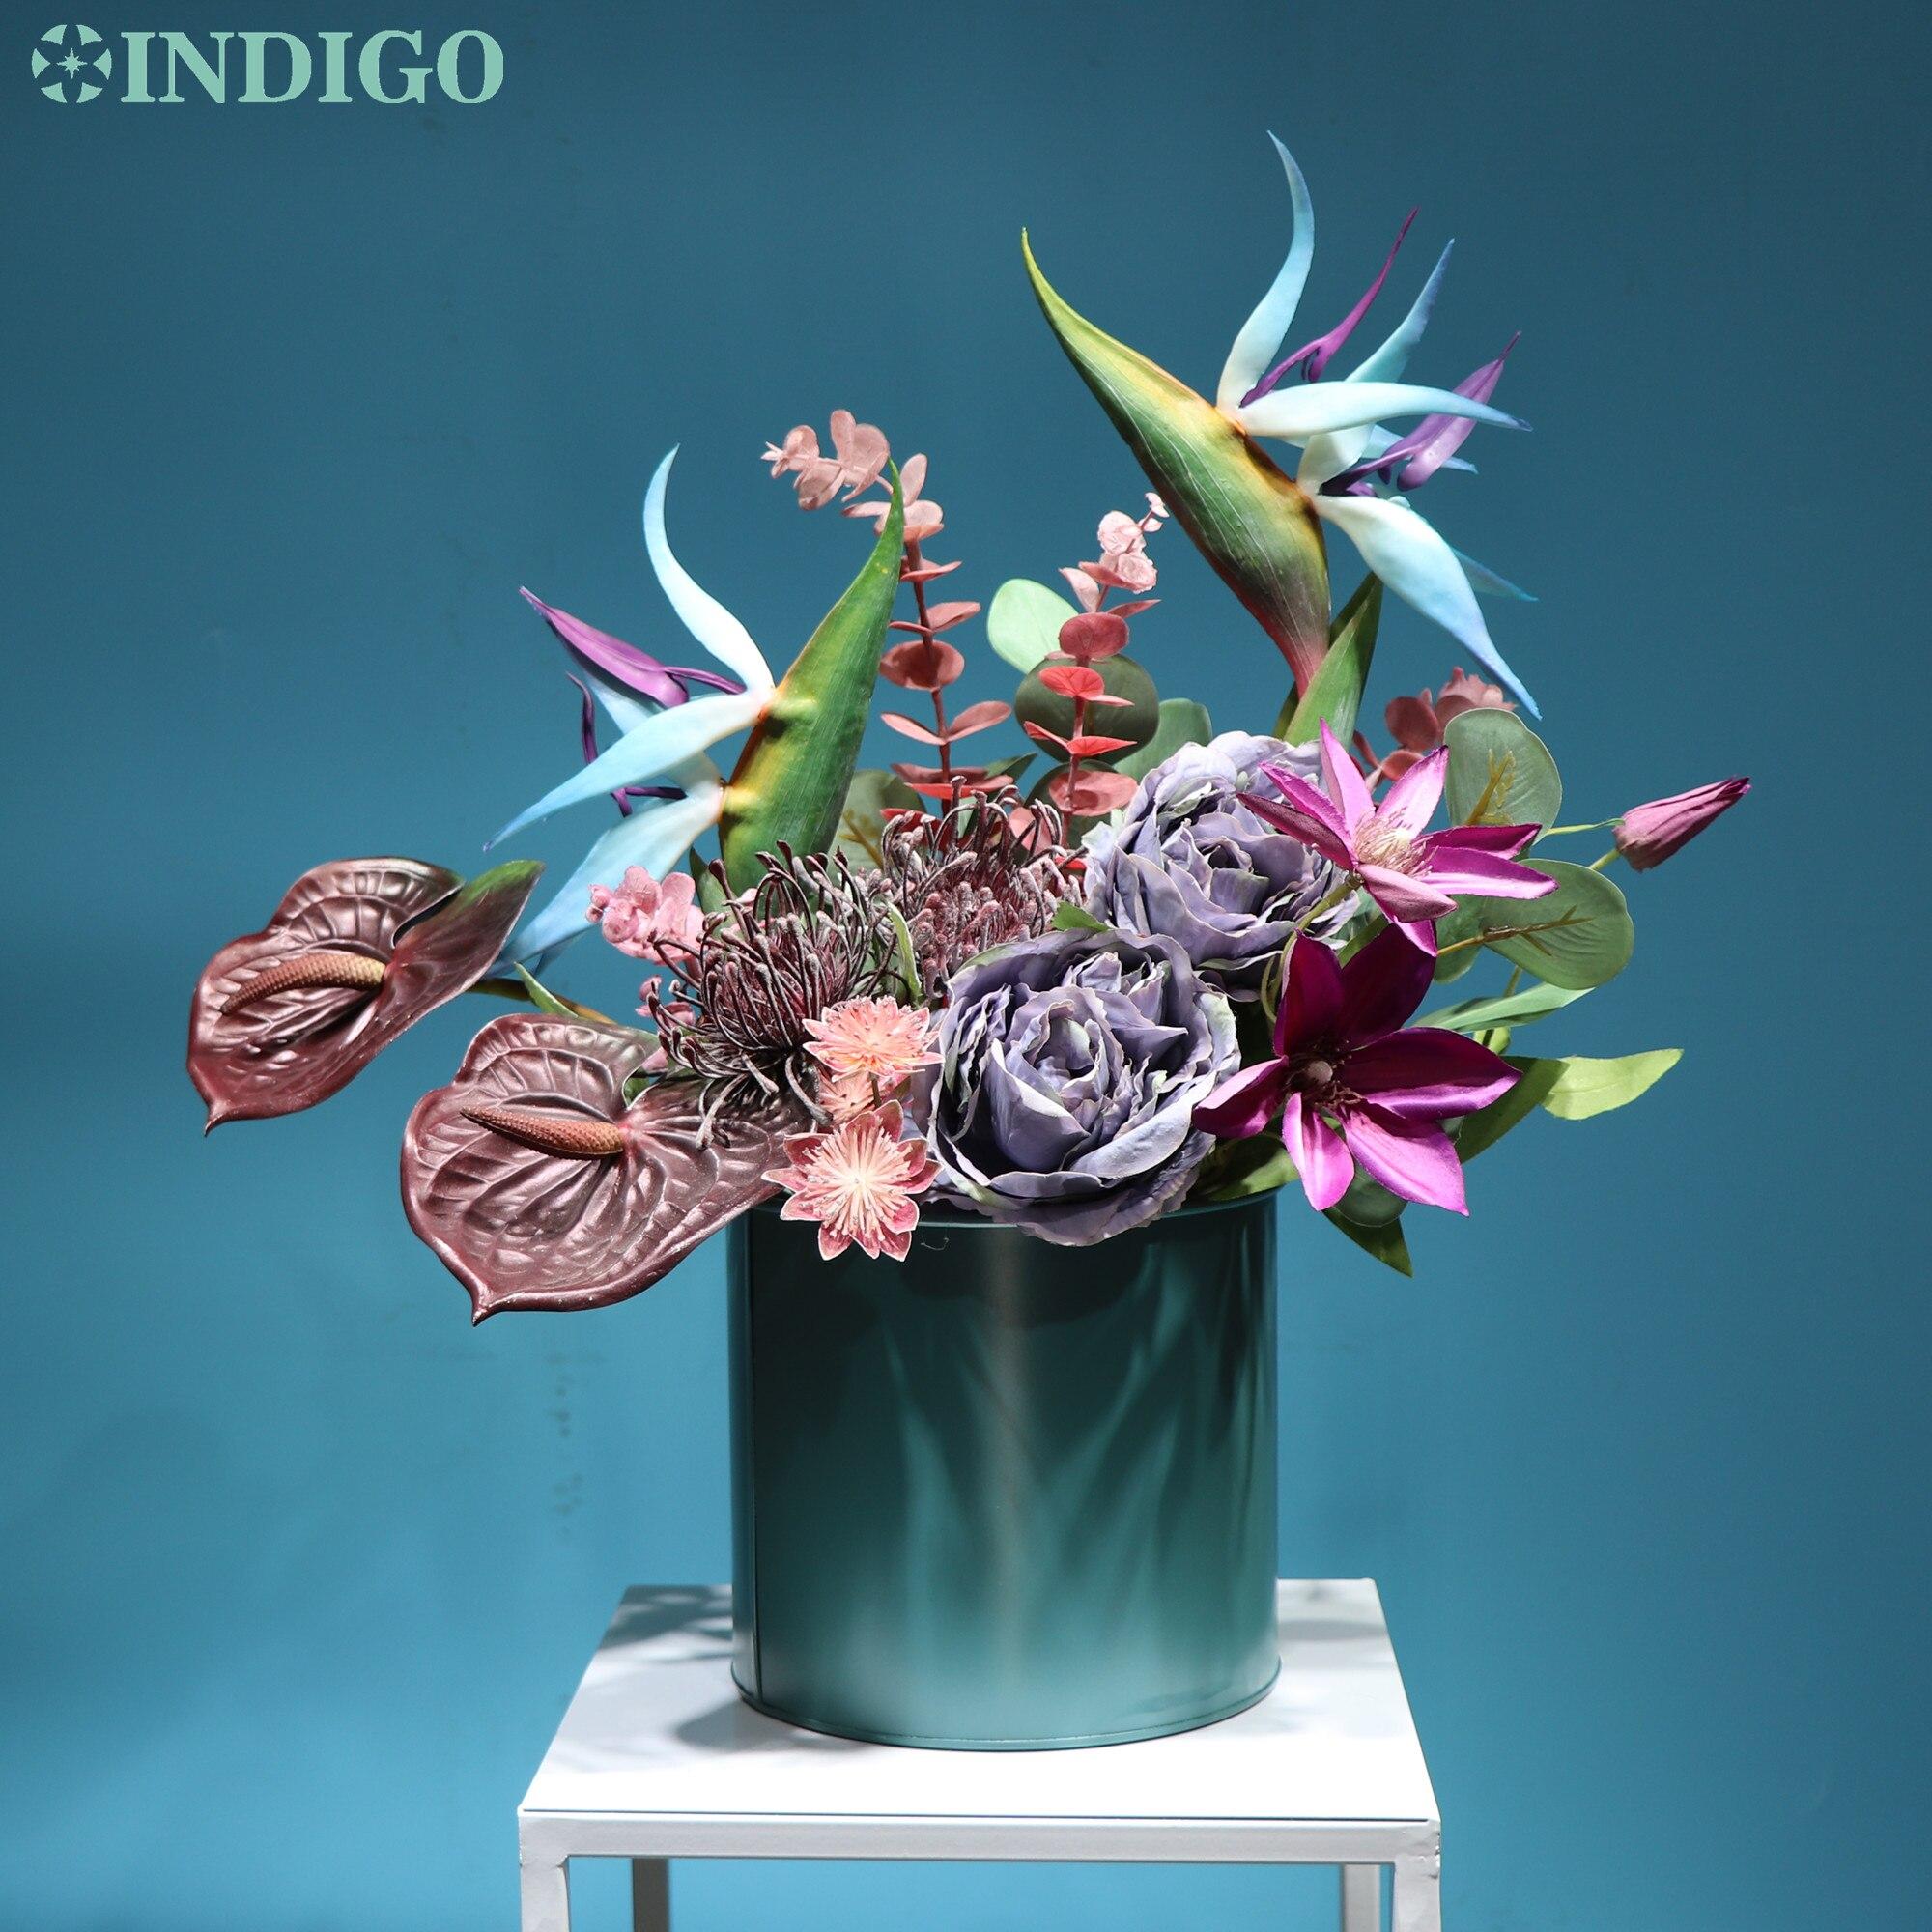 Pájaro azul índigo del paraíso (1 Juego con jarrón de Metal), flor de Calla, bonsái, decoración de oficina, flor comercial